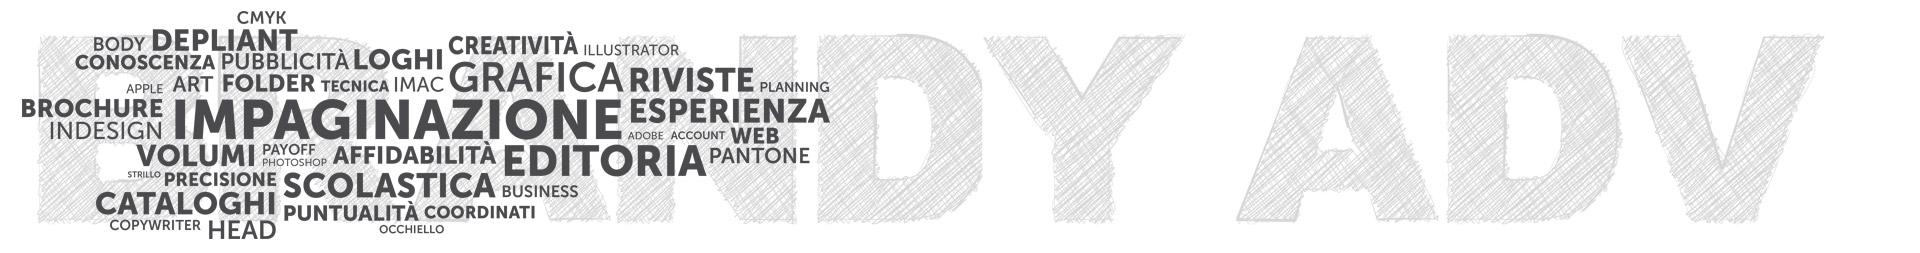 Brandyadv.it